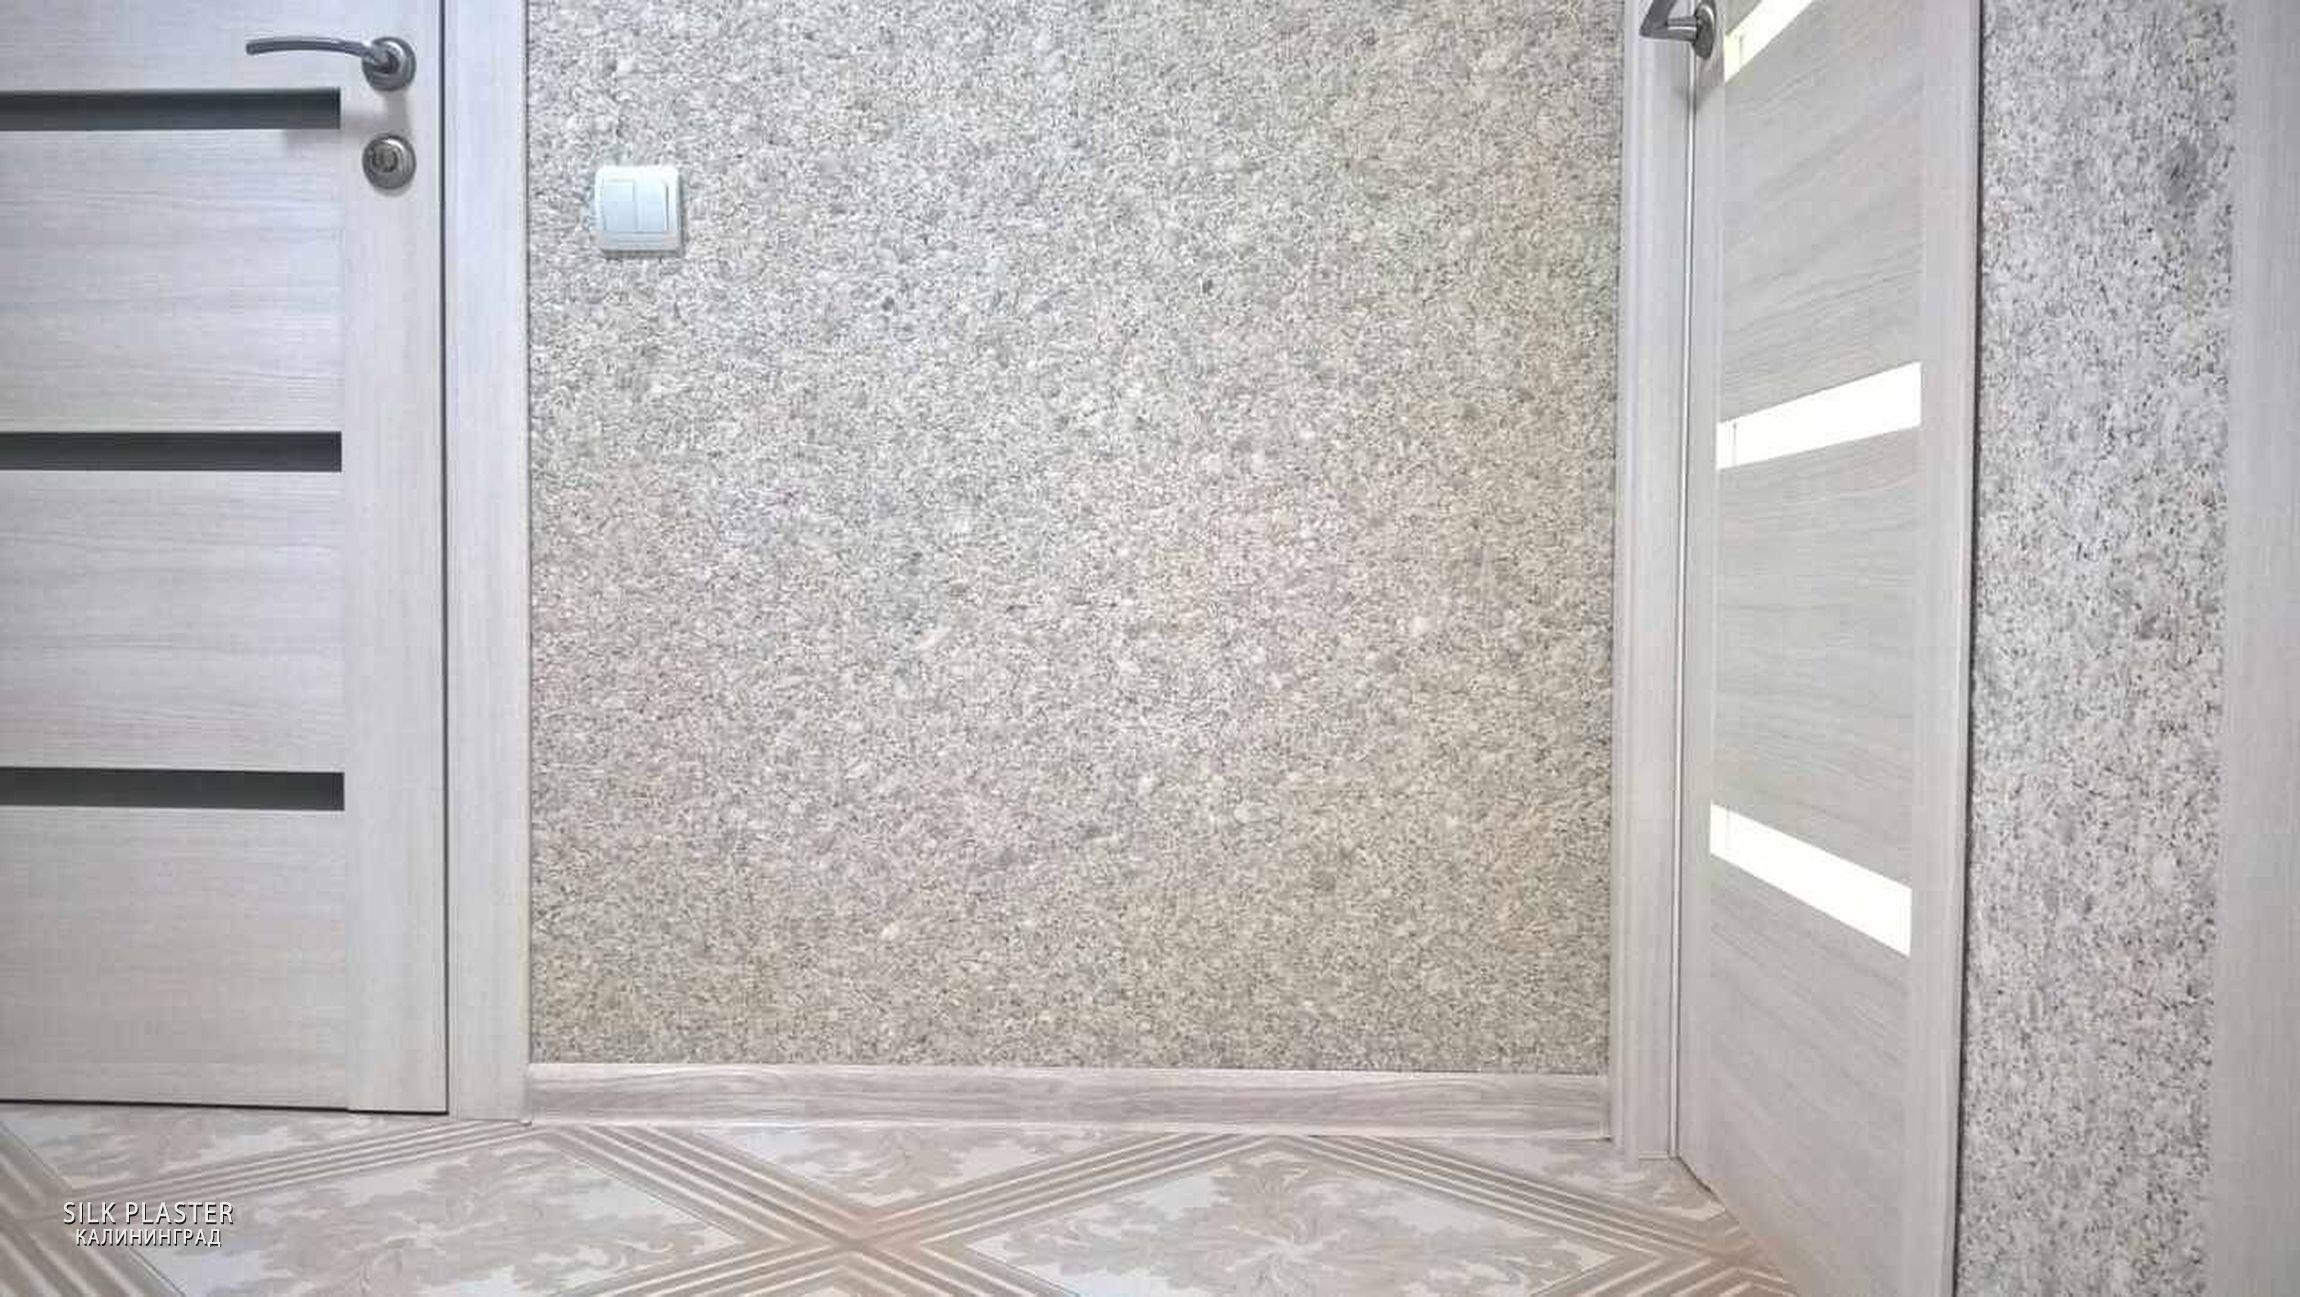 Жидкие обои на стену — как правильно наносить и использовать стильные и красивые варианты декора (120 фото + видео)